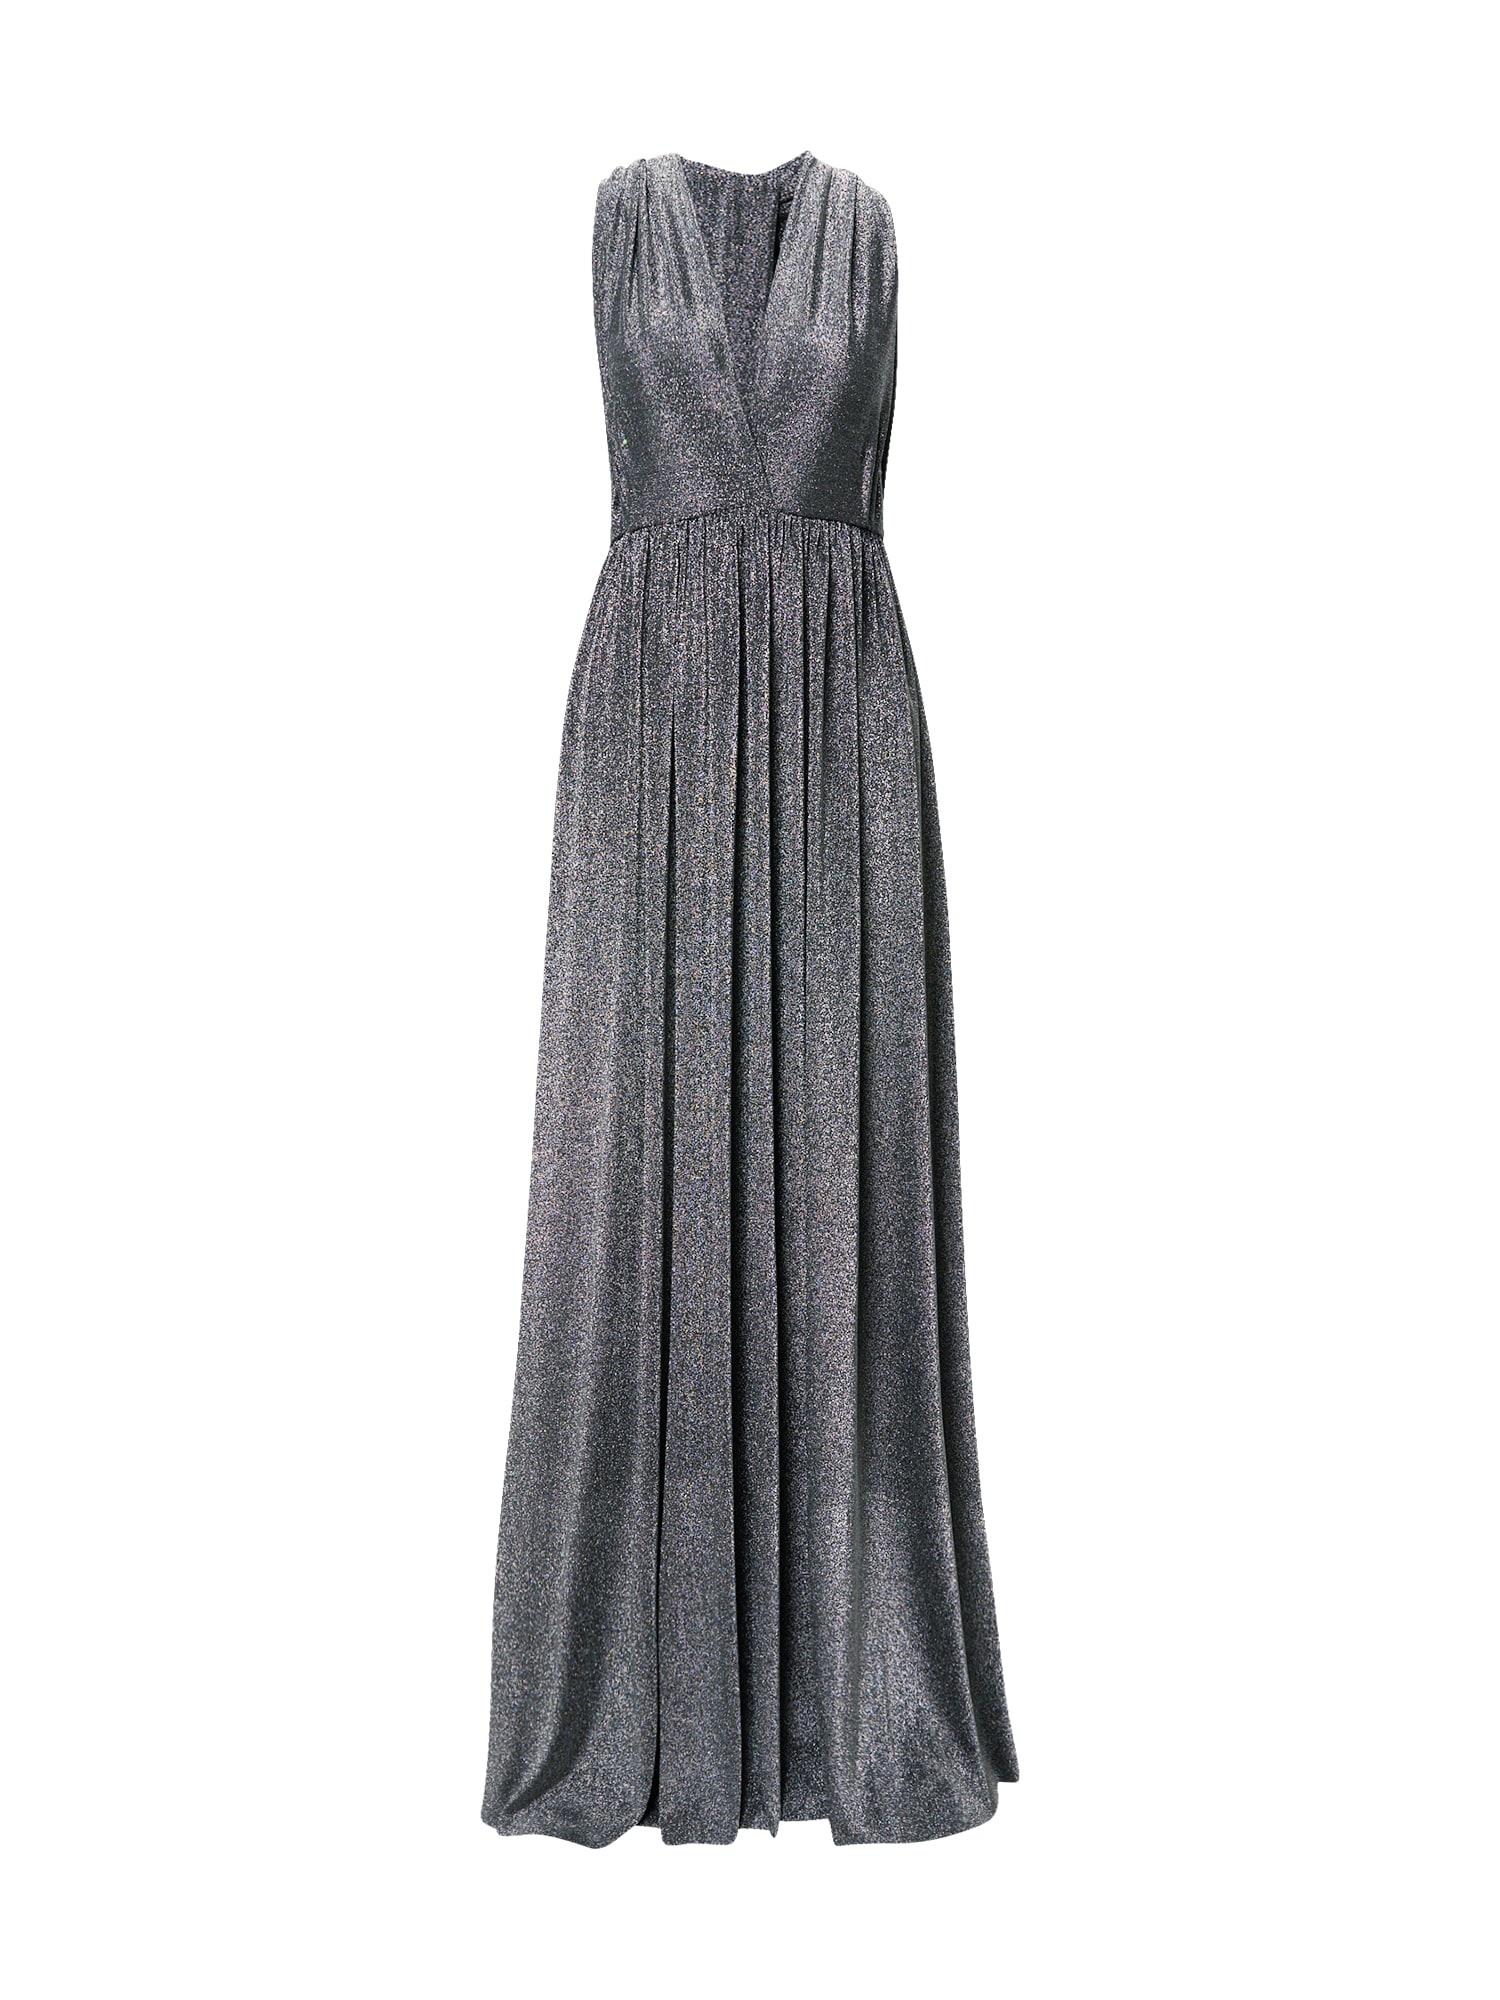 STAR NIGHT Vakarinė suknelė sidabrinė